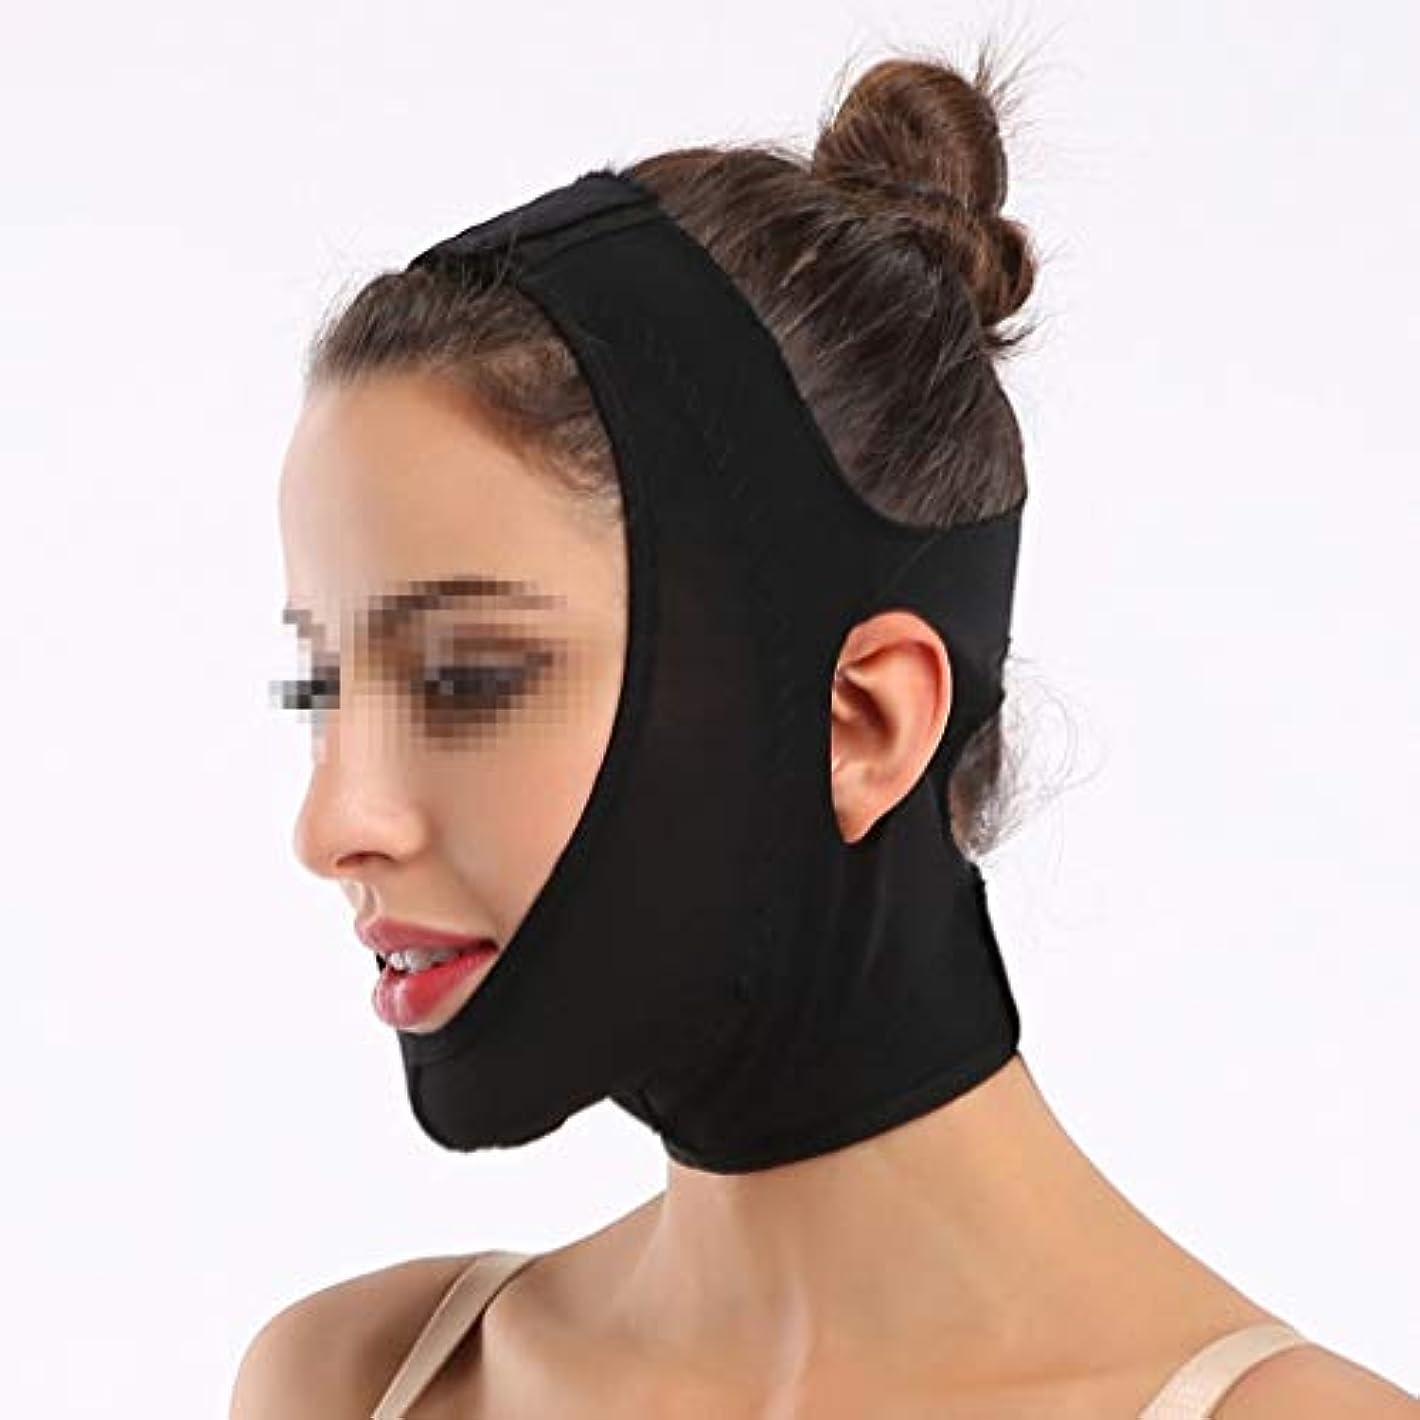 石炭戦略意識XHLMRMJ Vフェイスマスク、包帯マスクを持ち上げて引き締めるスキニービューティーサロン1日2時間Vフェイスマッサージ術後回復